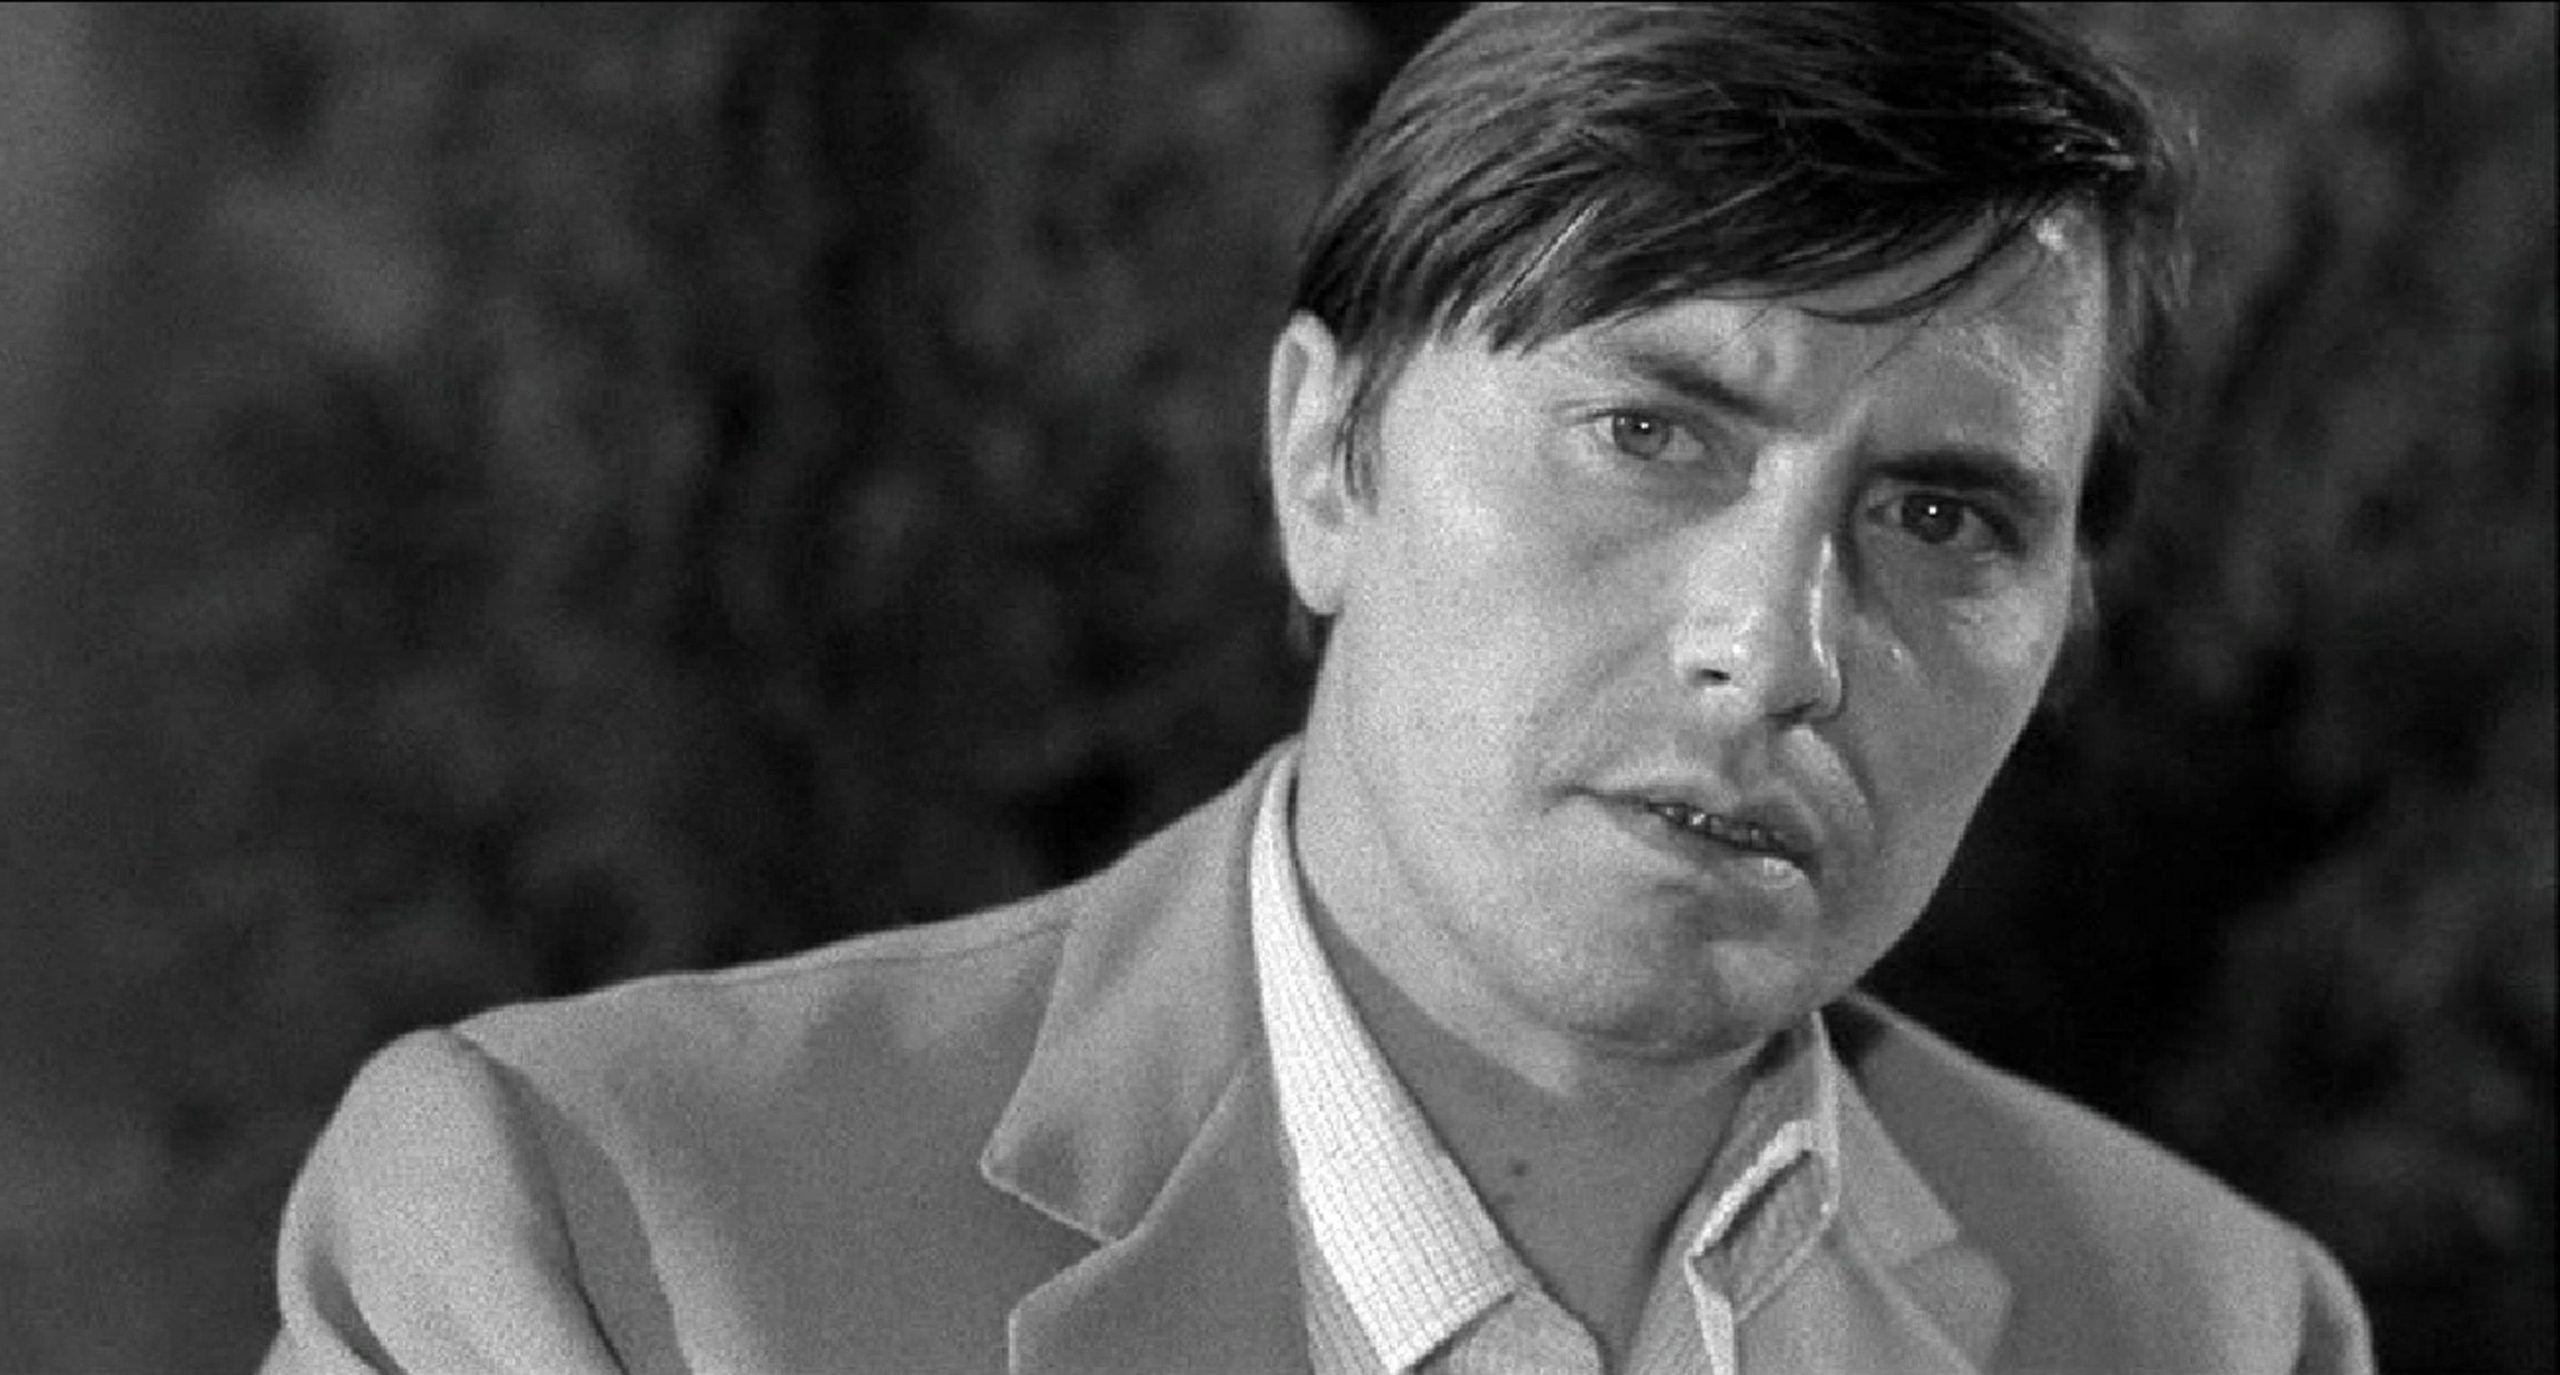 Morto Giulio Brogi, l'attore aveva recitato ne Il Commissario Montalbano